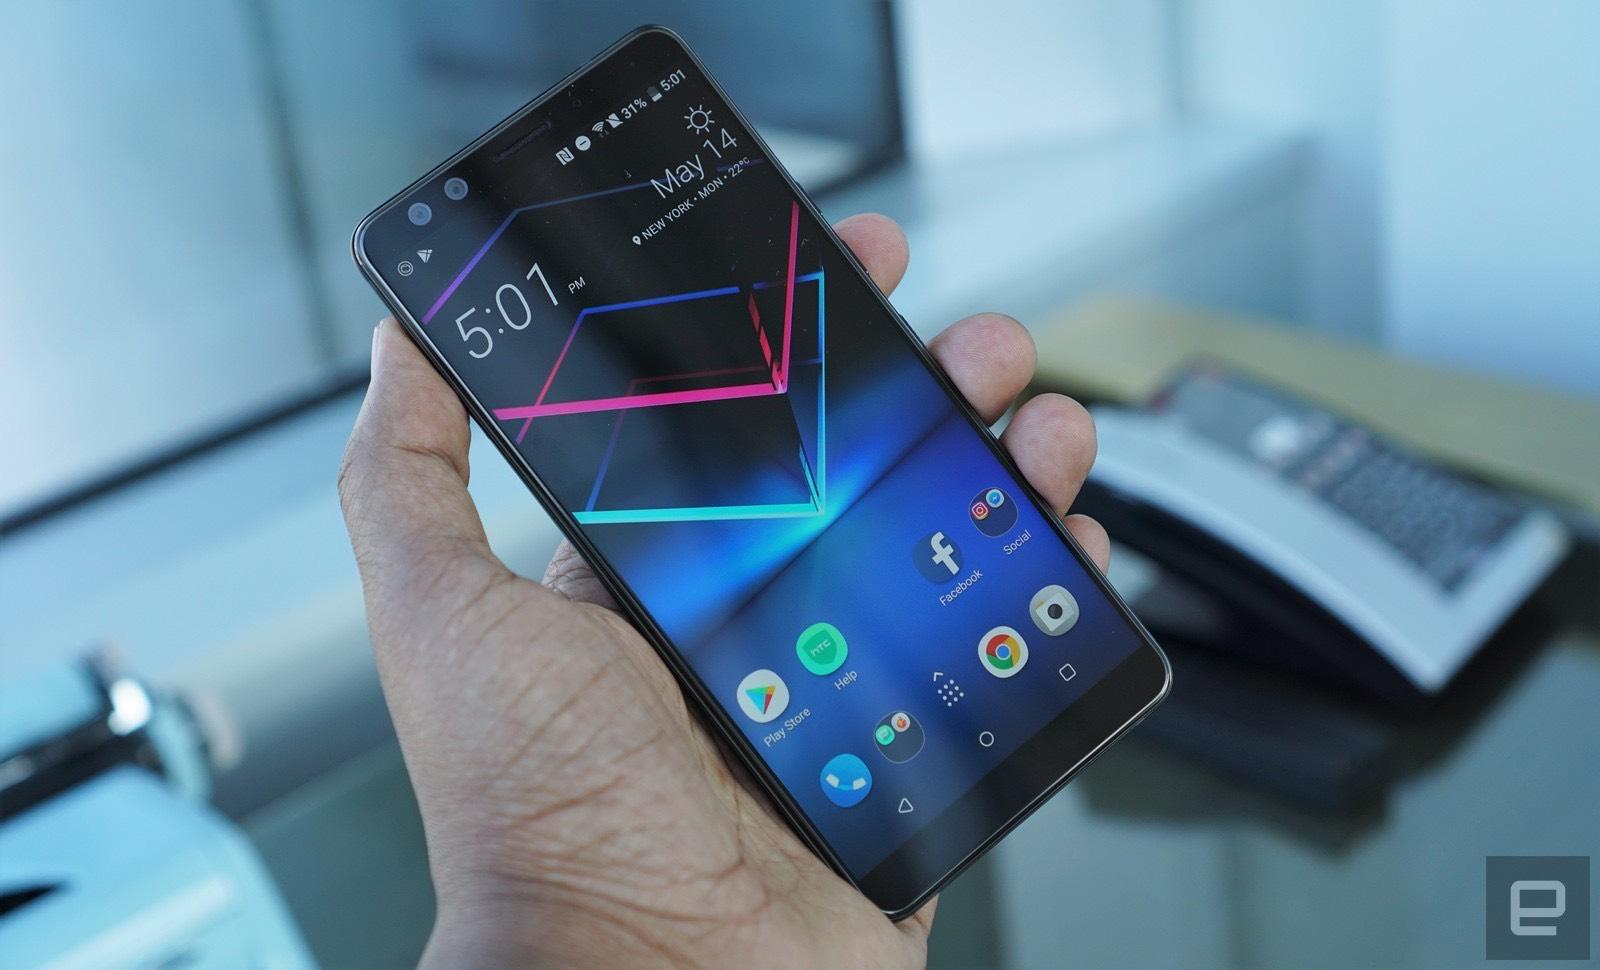 HTC U12+ Dual Camera Smartphone